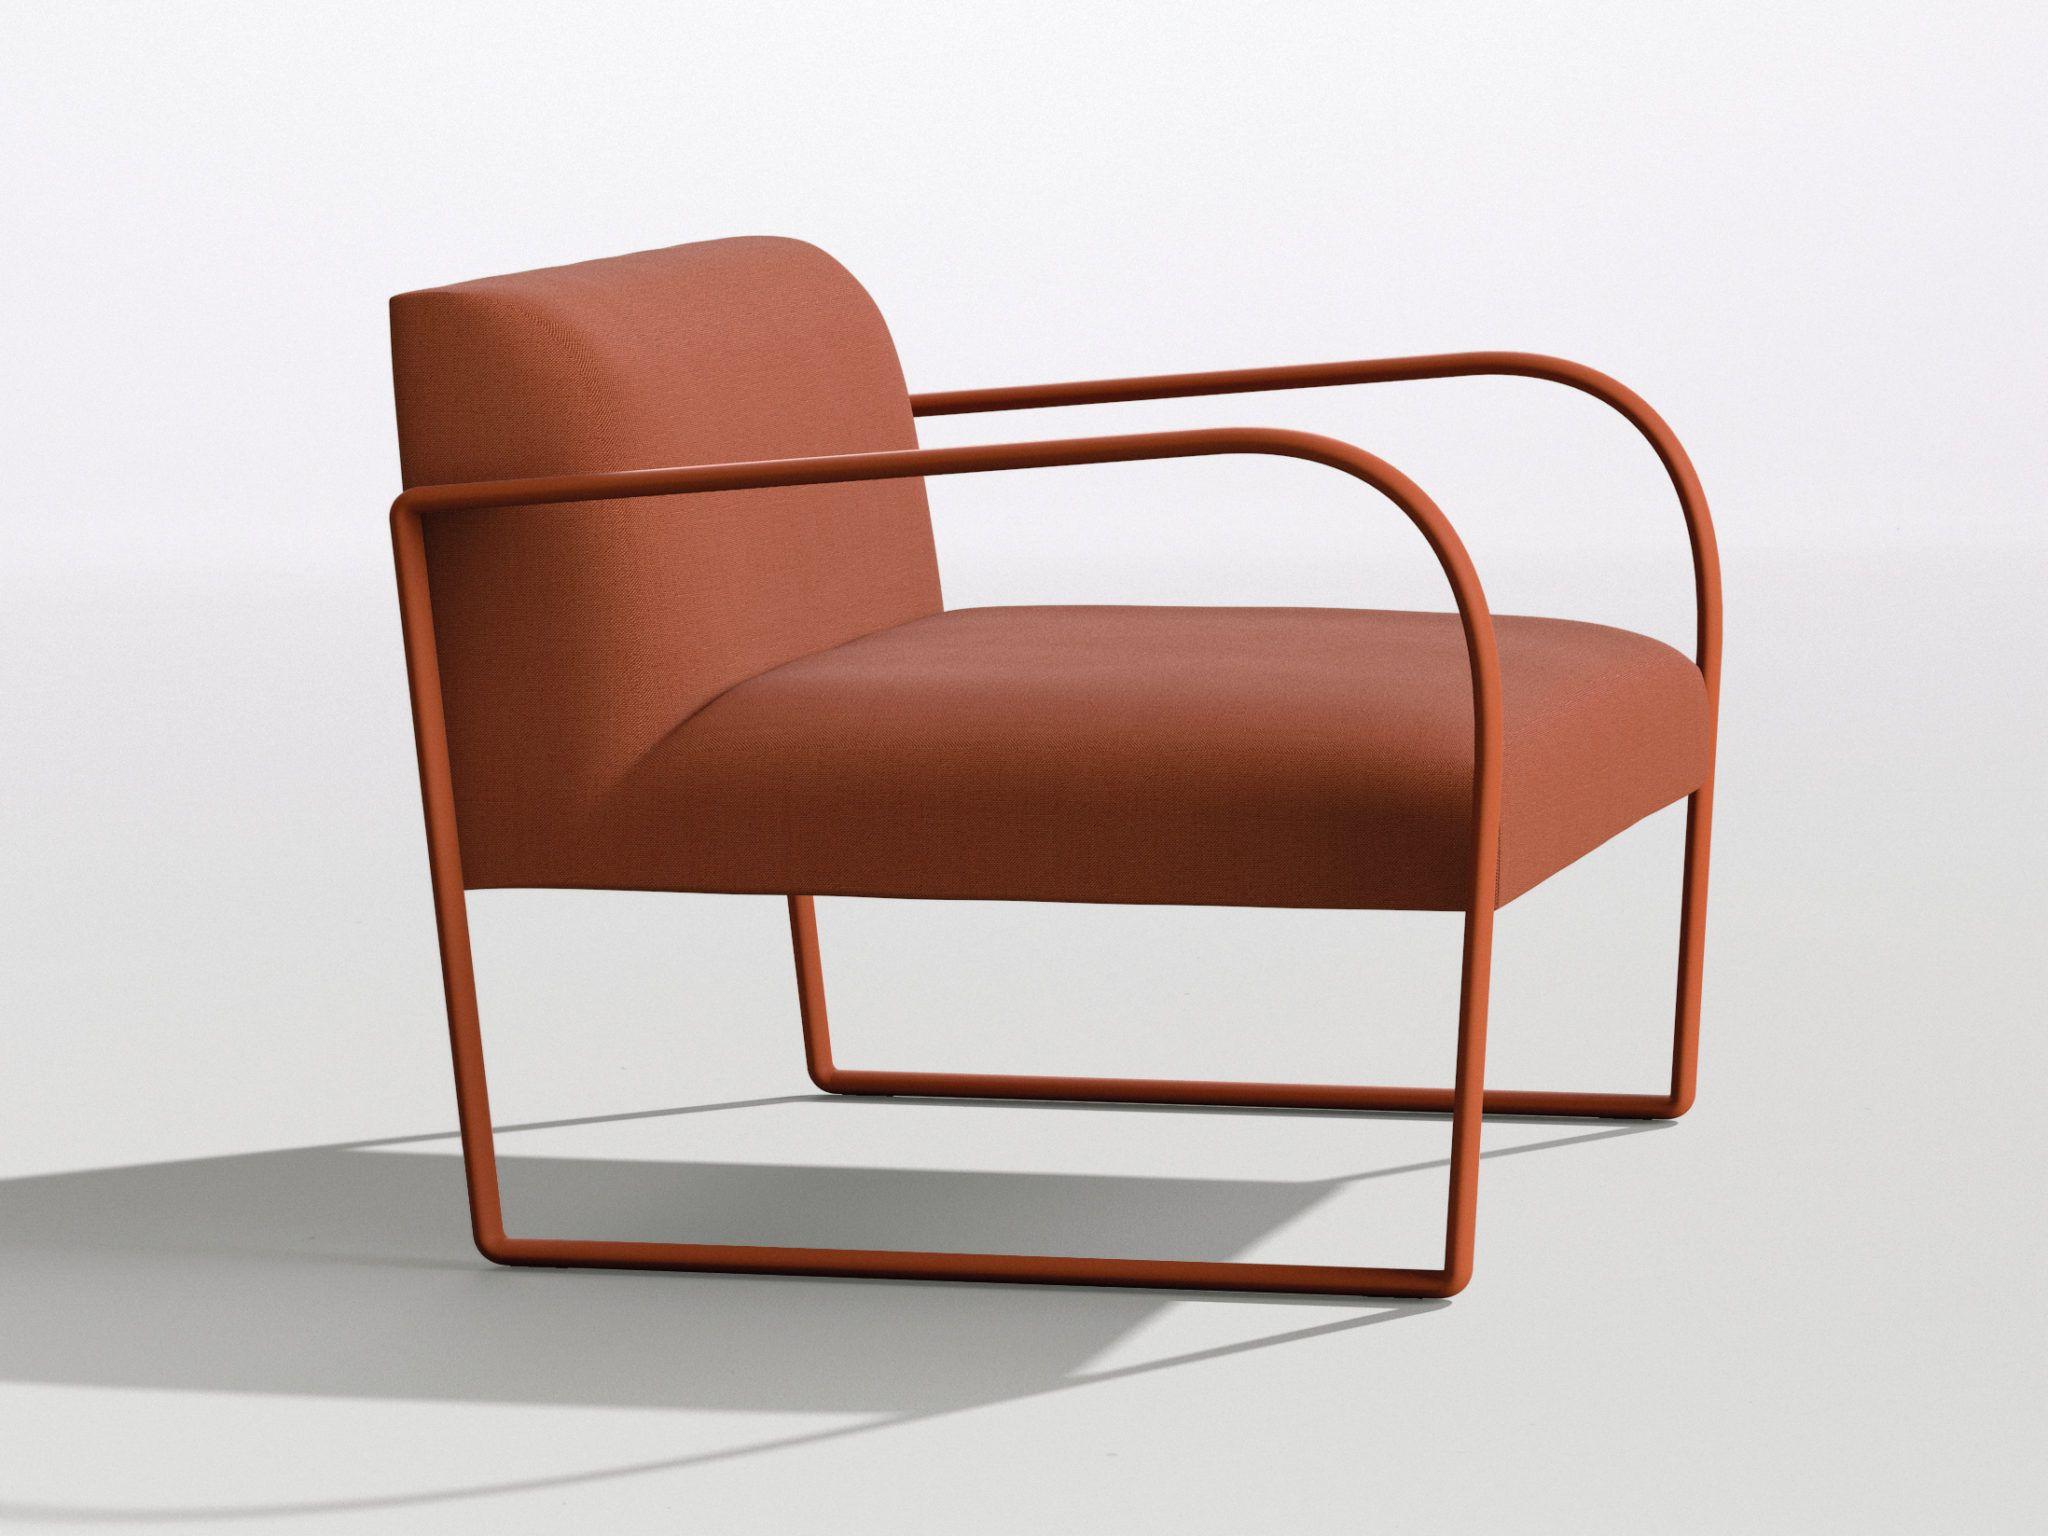 Sedie Arper Outlet.Semaine Du 20 Novembre 2017 Furniture Arper Furniture